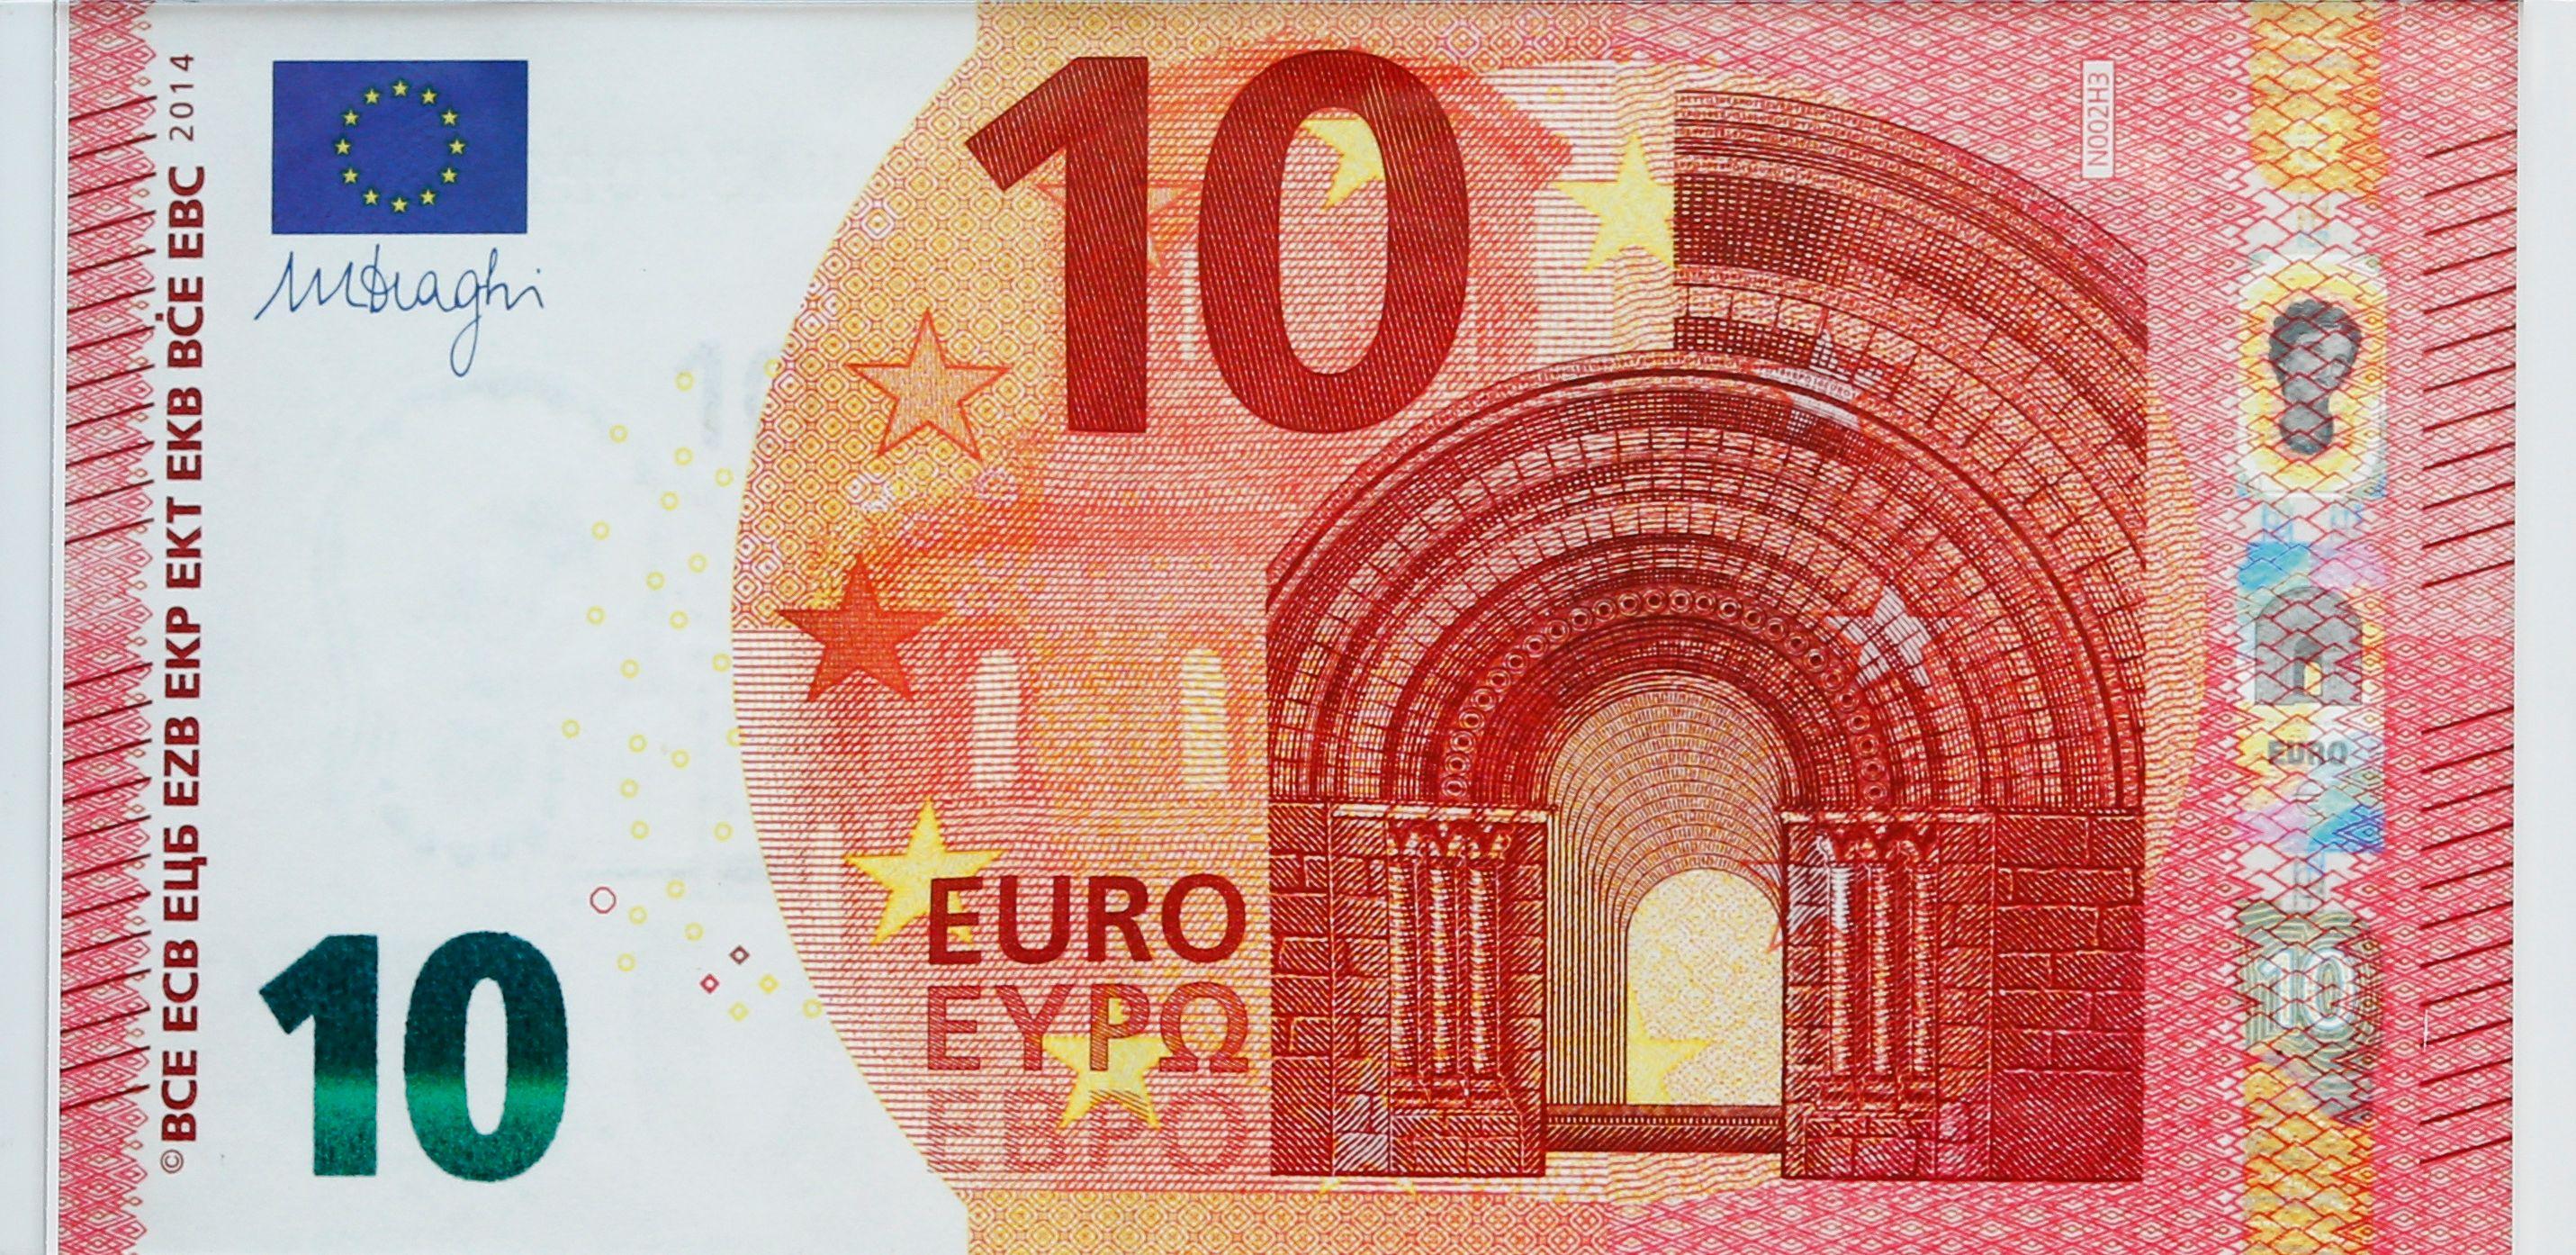 Les Français déclarent qu'il faut disposer au minimum de 1490 euros par mois pour vivre.